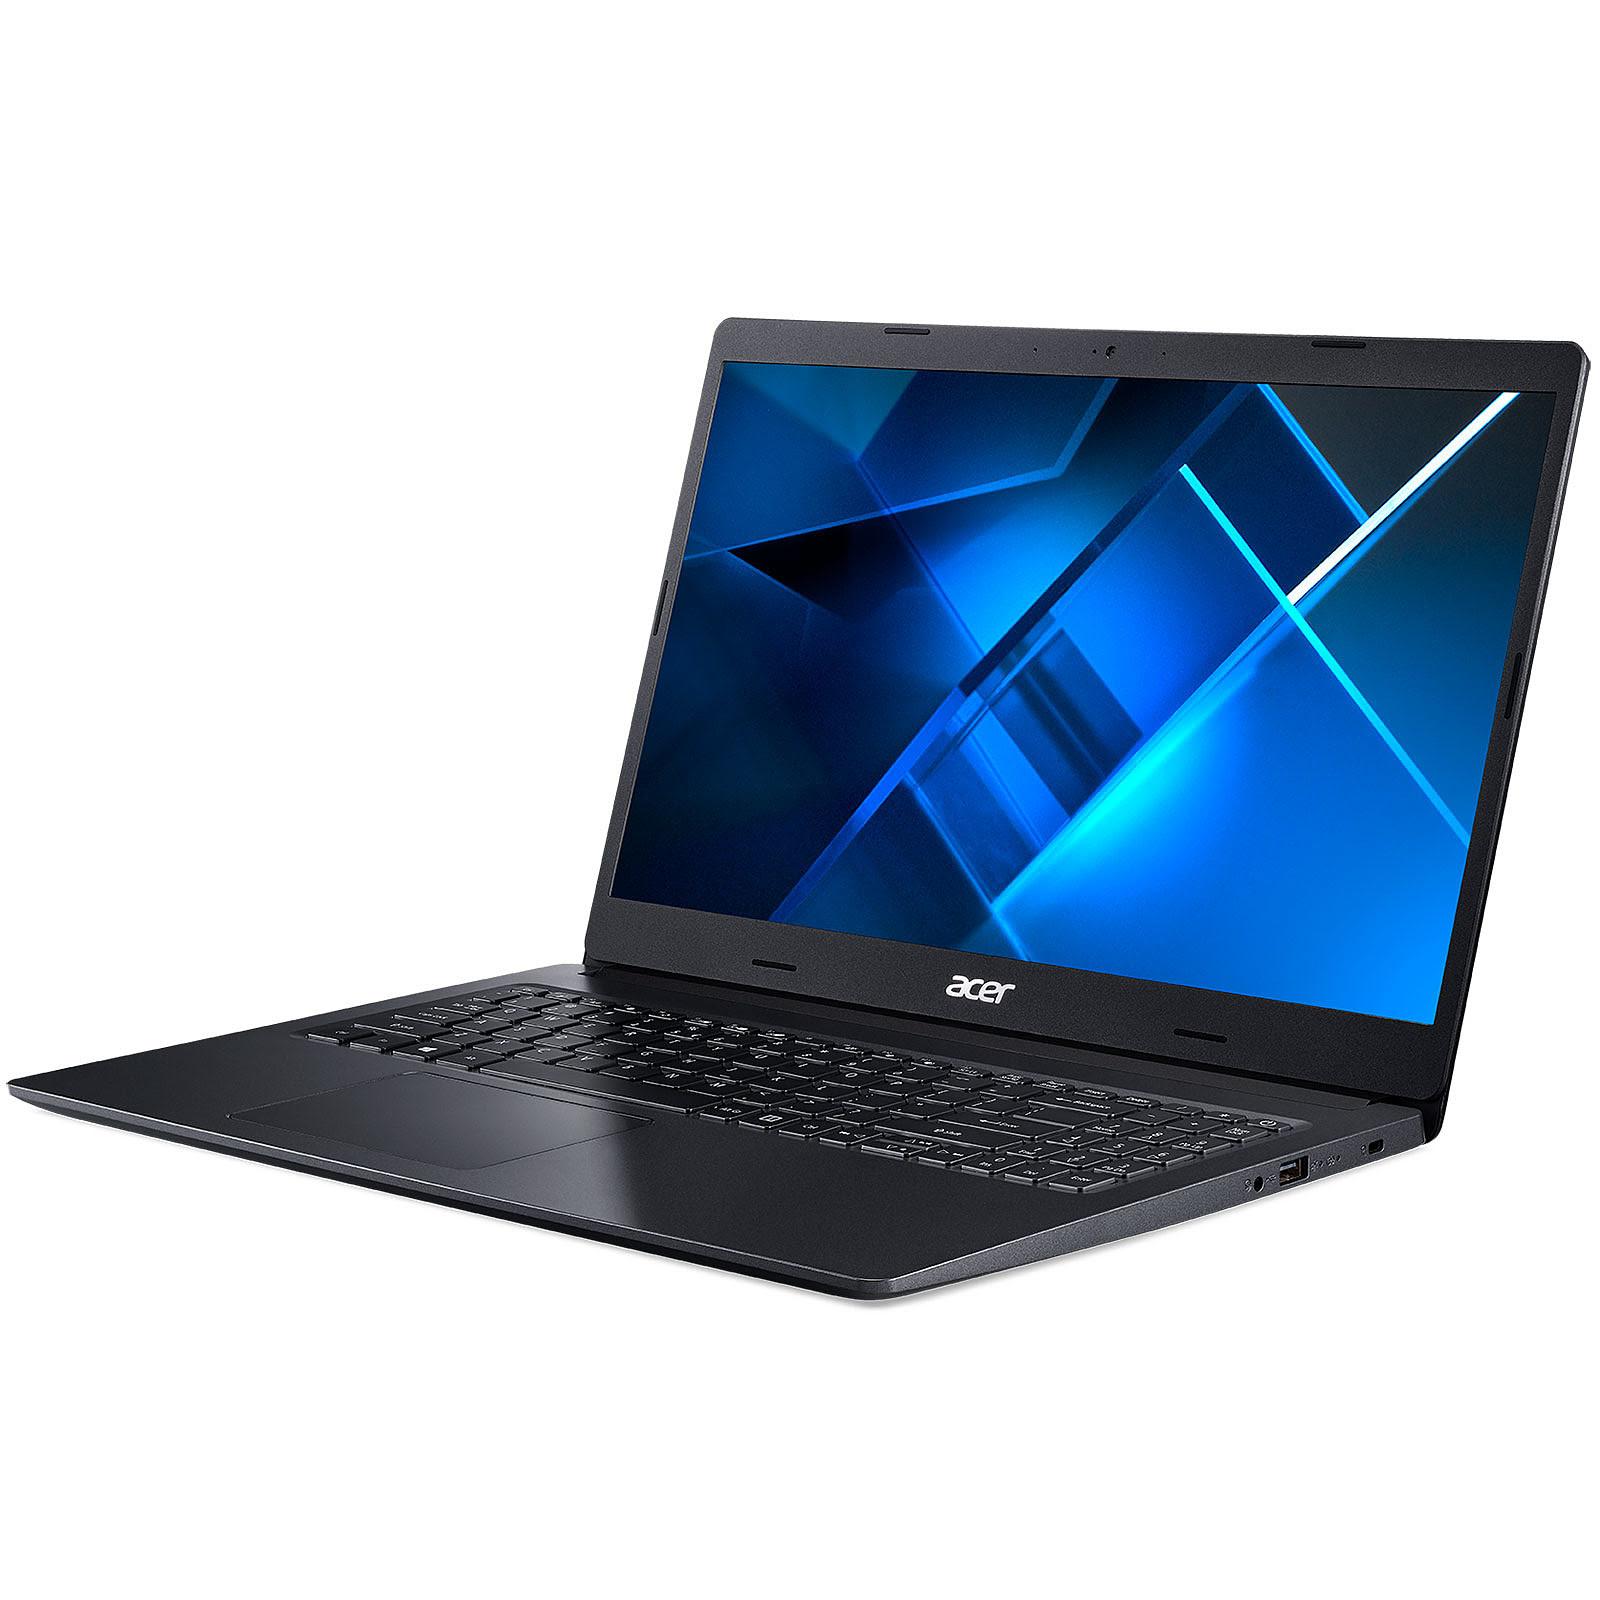 Acer NX.EG9EF.001 - PC portable Acer - Cybertek.fr - 4